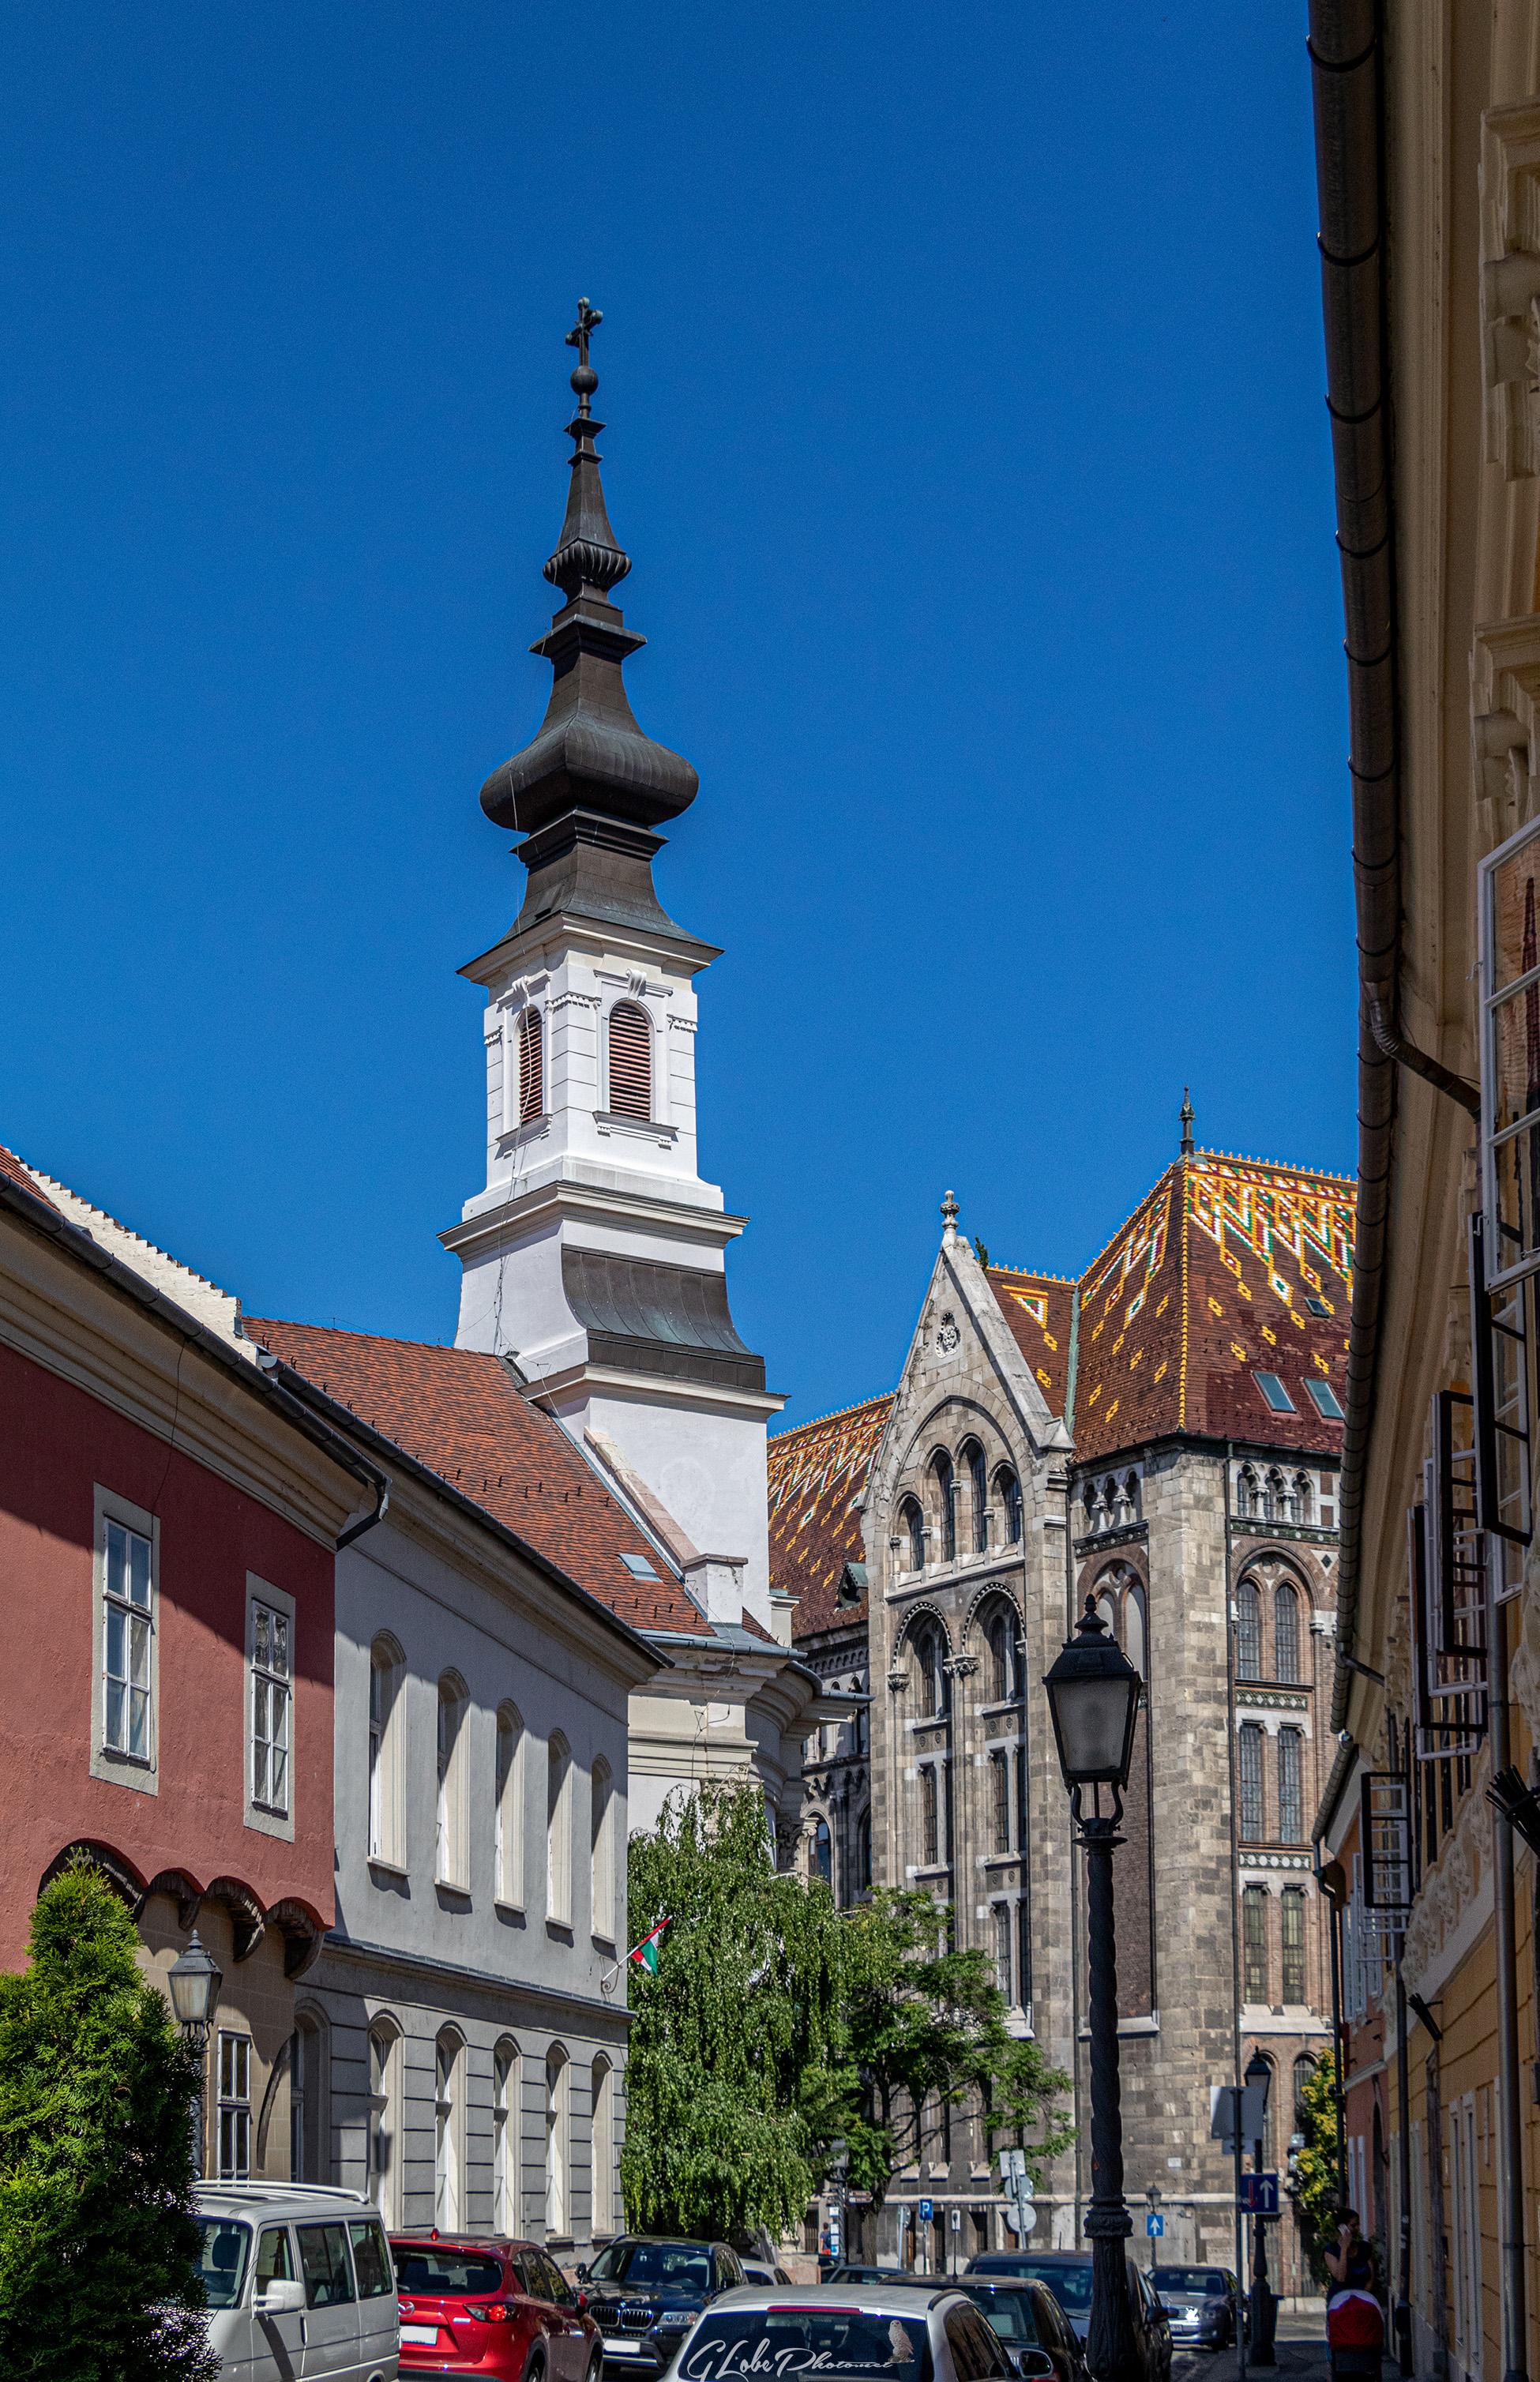 Buda Castle Quarter